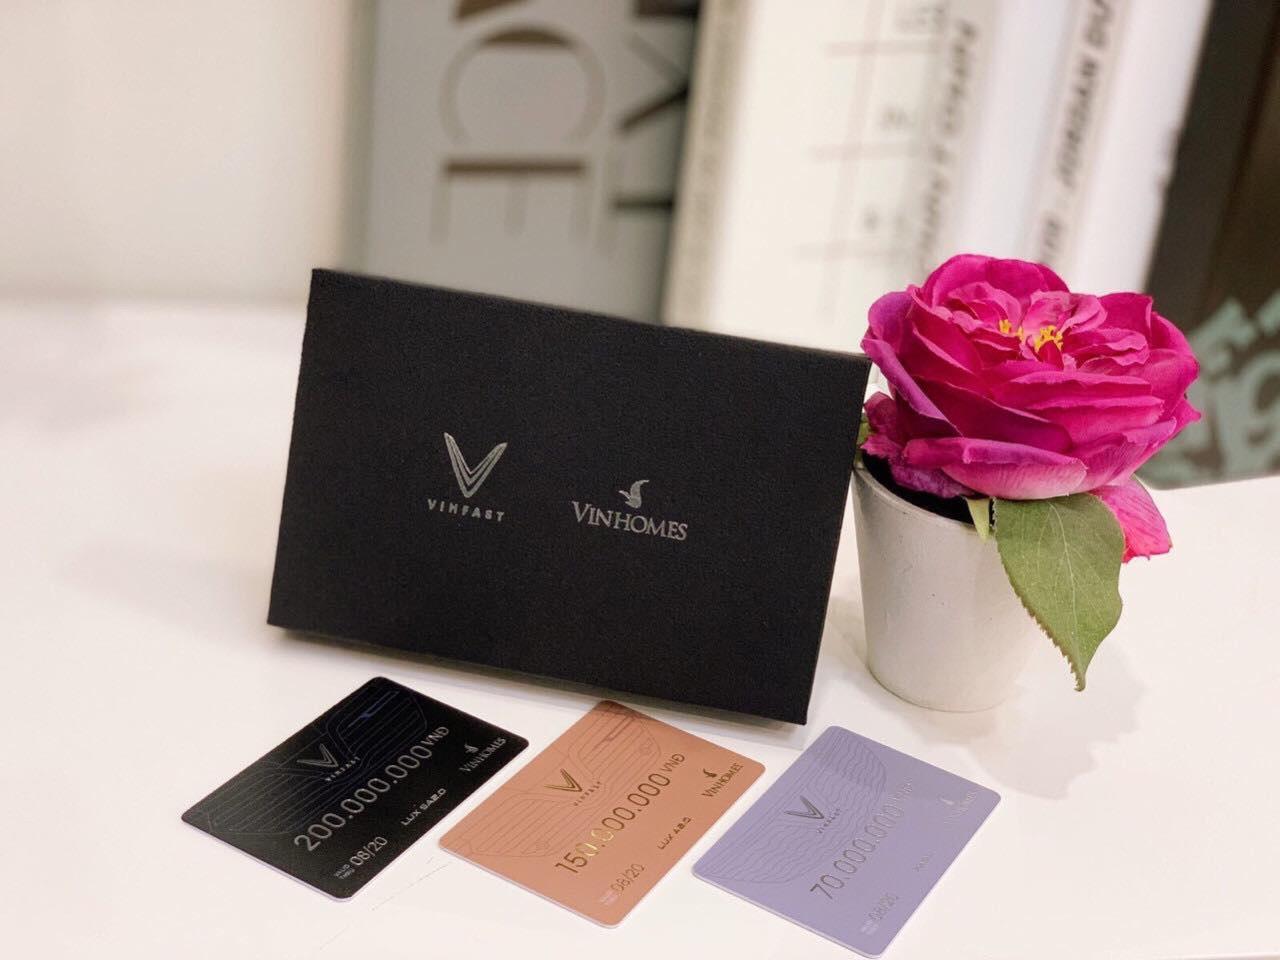 Mua xe VinFast tiết kiệm cả trăm triệu đồng nhờ voucher Vinhomes 2